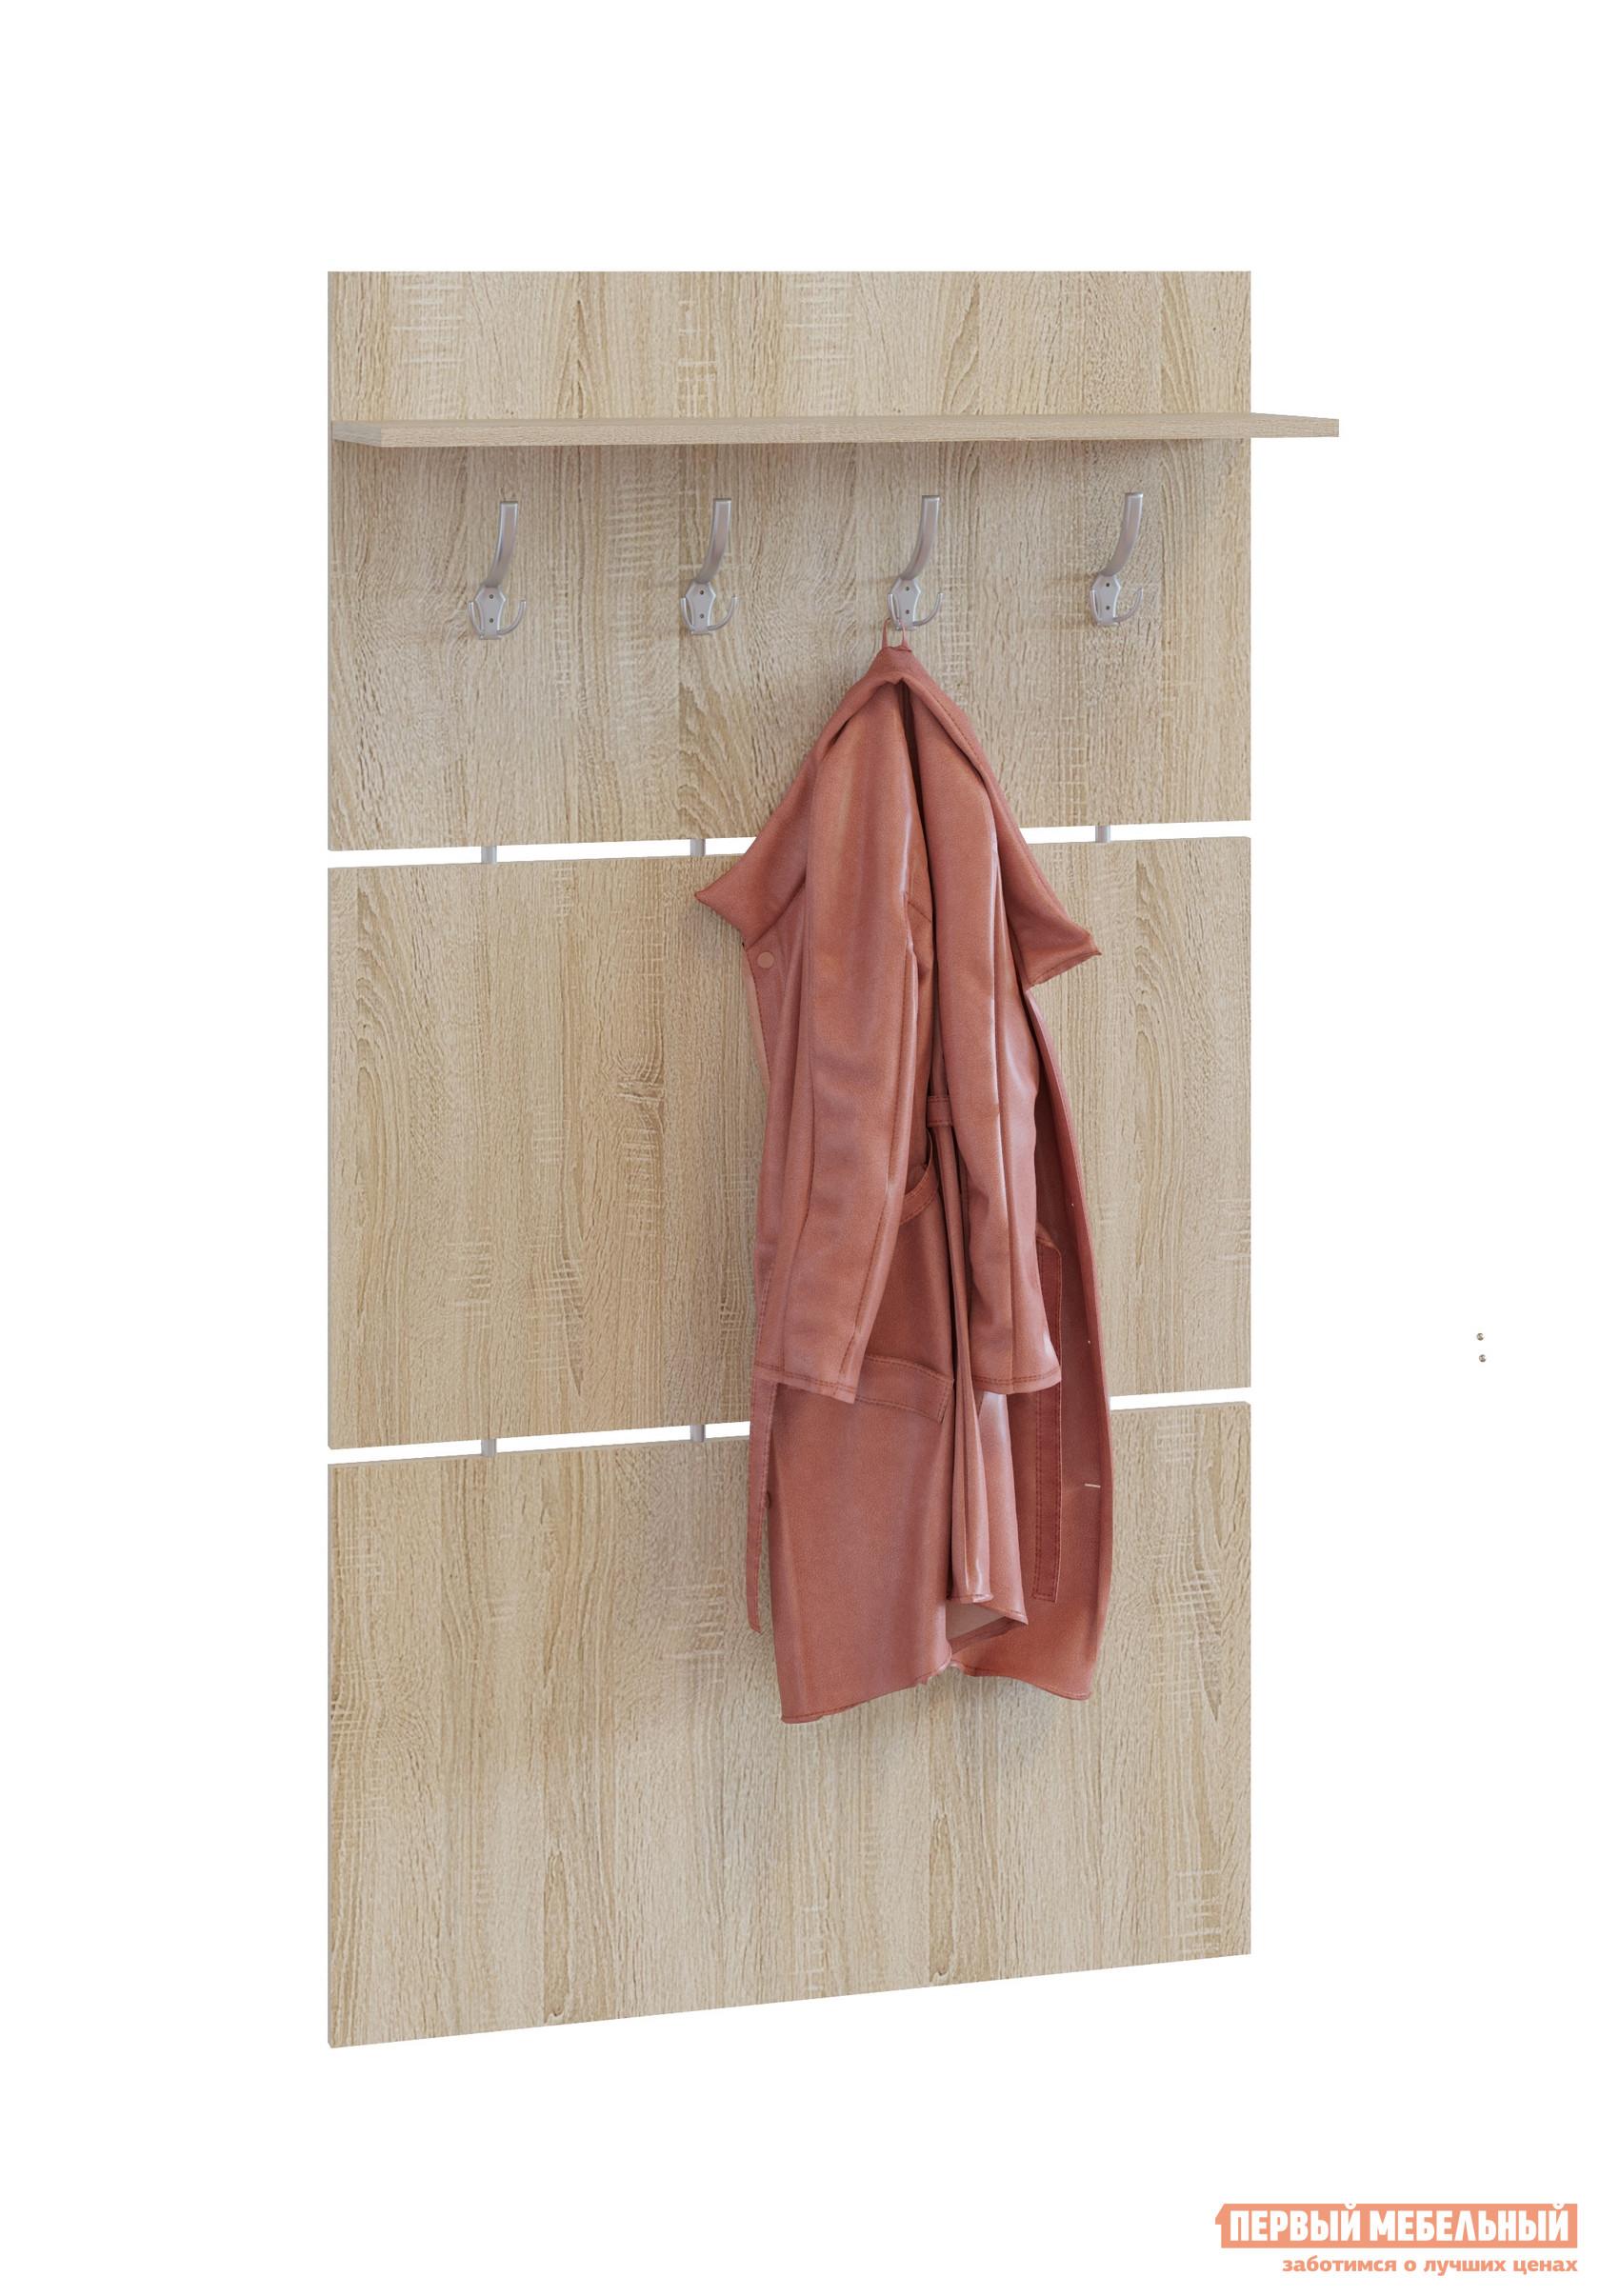 Настенная вешалка Сокол ВШ-3.1 Дуб СономаНастенные вешалки<br>Габаритные размеры ВхШхГ 1460x900x212 мм. Широкая навесная вешалка, выполненная в строгом стиле, позволит разместить сезонную одежду всей семьи.  Вешалка состоит из 3-х панелей соединенных металлическими  вставками.  На верхней панели располагается четыре 3-хрожковых крючка для одежды. Полка, закрепленная над крючками, предназначена специально для головных уборов и зонтов.  Максимальная нагрузка на полку составляет 5кг. Вешалка изготовлена из высококачественной ДСП 16мм, края отделаны кромкой ПВХ 0. 4мм.  Рекомендуем сохранить инструкцию по сборке (паспорт изделия) до истечения гарантийного срока.<br><br>Цвет: Светлое дерево<br>Высота мм: 1460<br>Ширина мм: 900<br>Глубина мм: 212<br>Кол-во упаковок: 1<br>Форма поставки: В разобранном виде<br>Срок гарантии: 2 года<br>Материал: Дерево<br>С полкой: Да